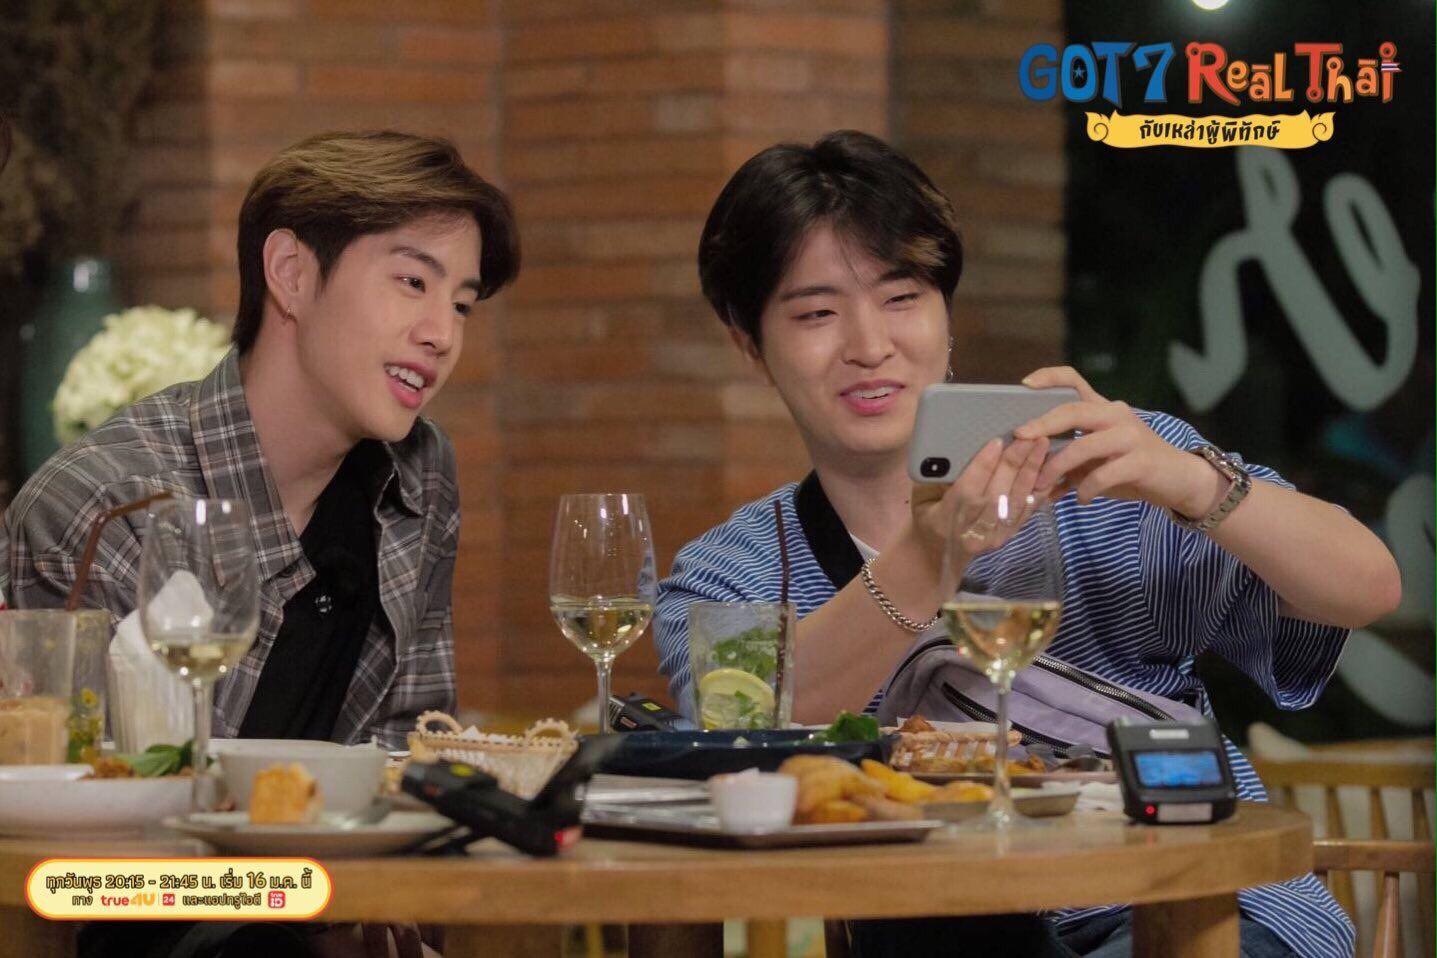 GOT7 Real Thai — s01e05 — Episode 5